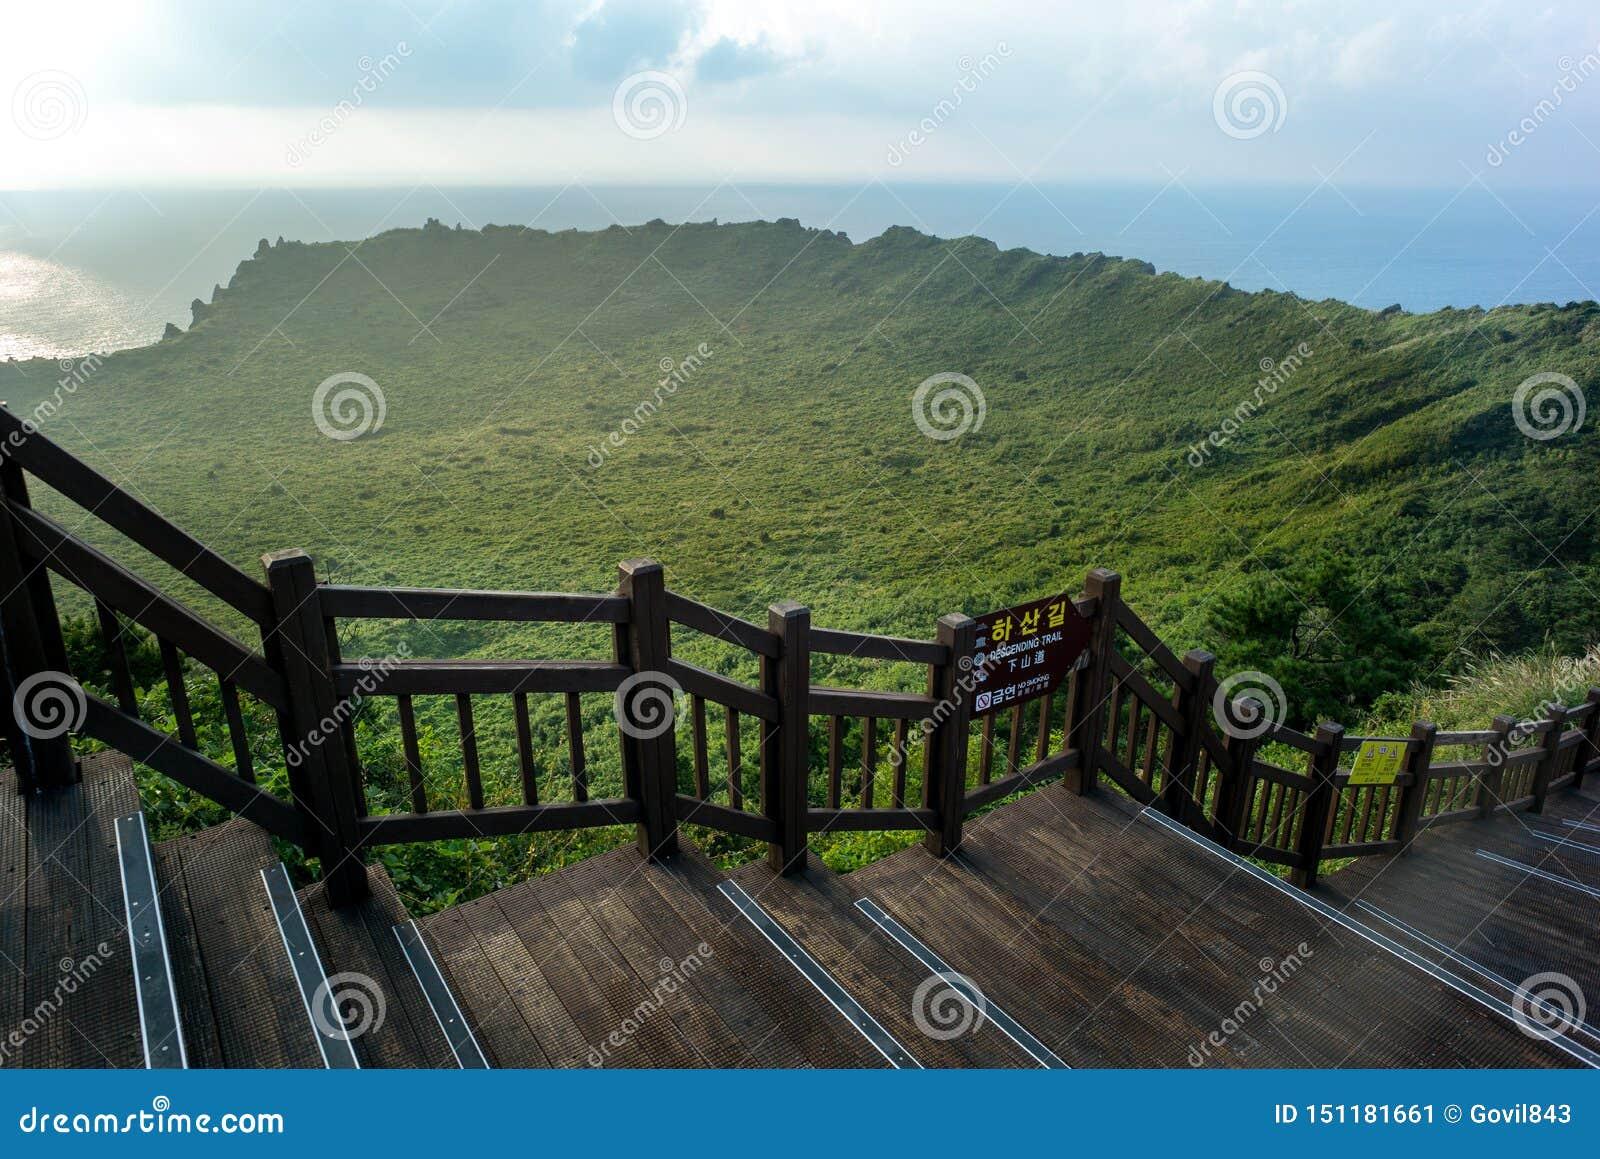 Caixa vulcânica de pico de Seongsan Ilchulbong